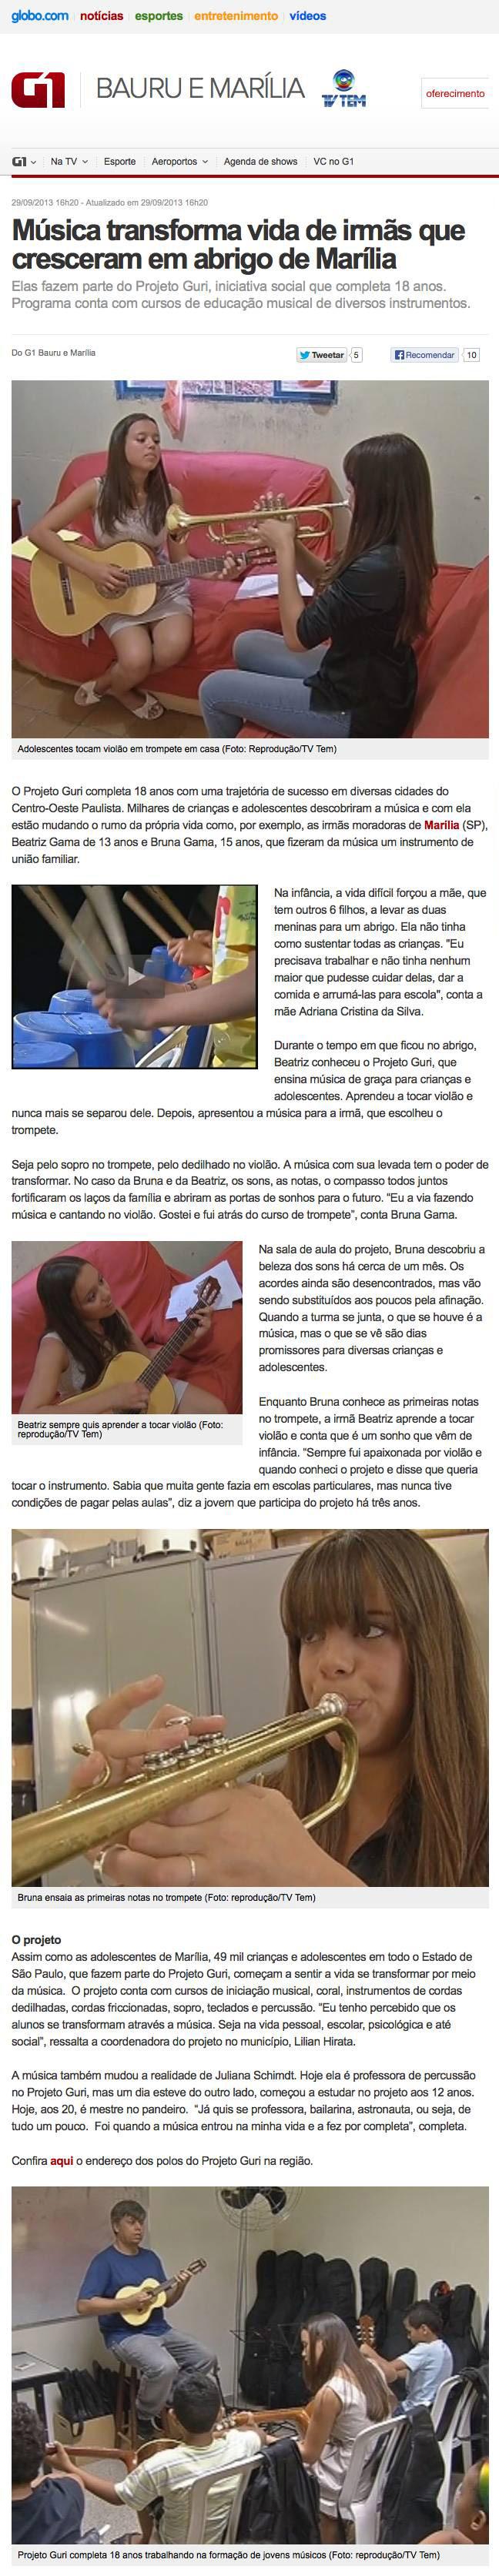 G1---Música-transforma-vida-de-irmãs-que-cresceram-em-abrigo-de-Marília---notícias-em-Bauru-e-Marília---2013-10-17_10.48.24.png